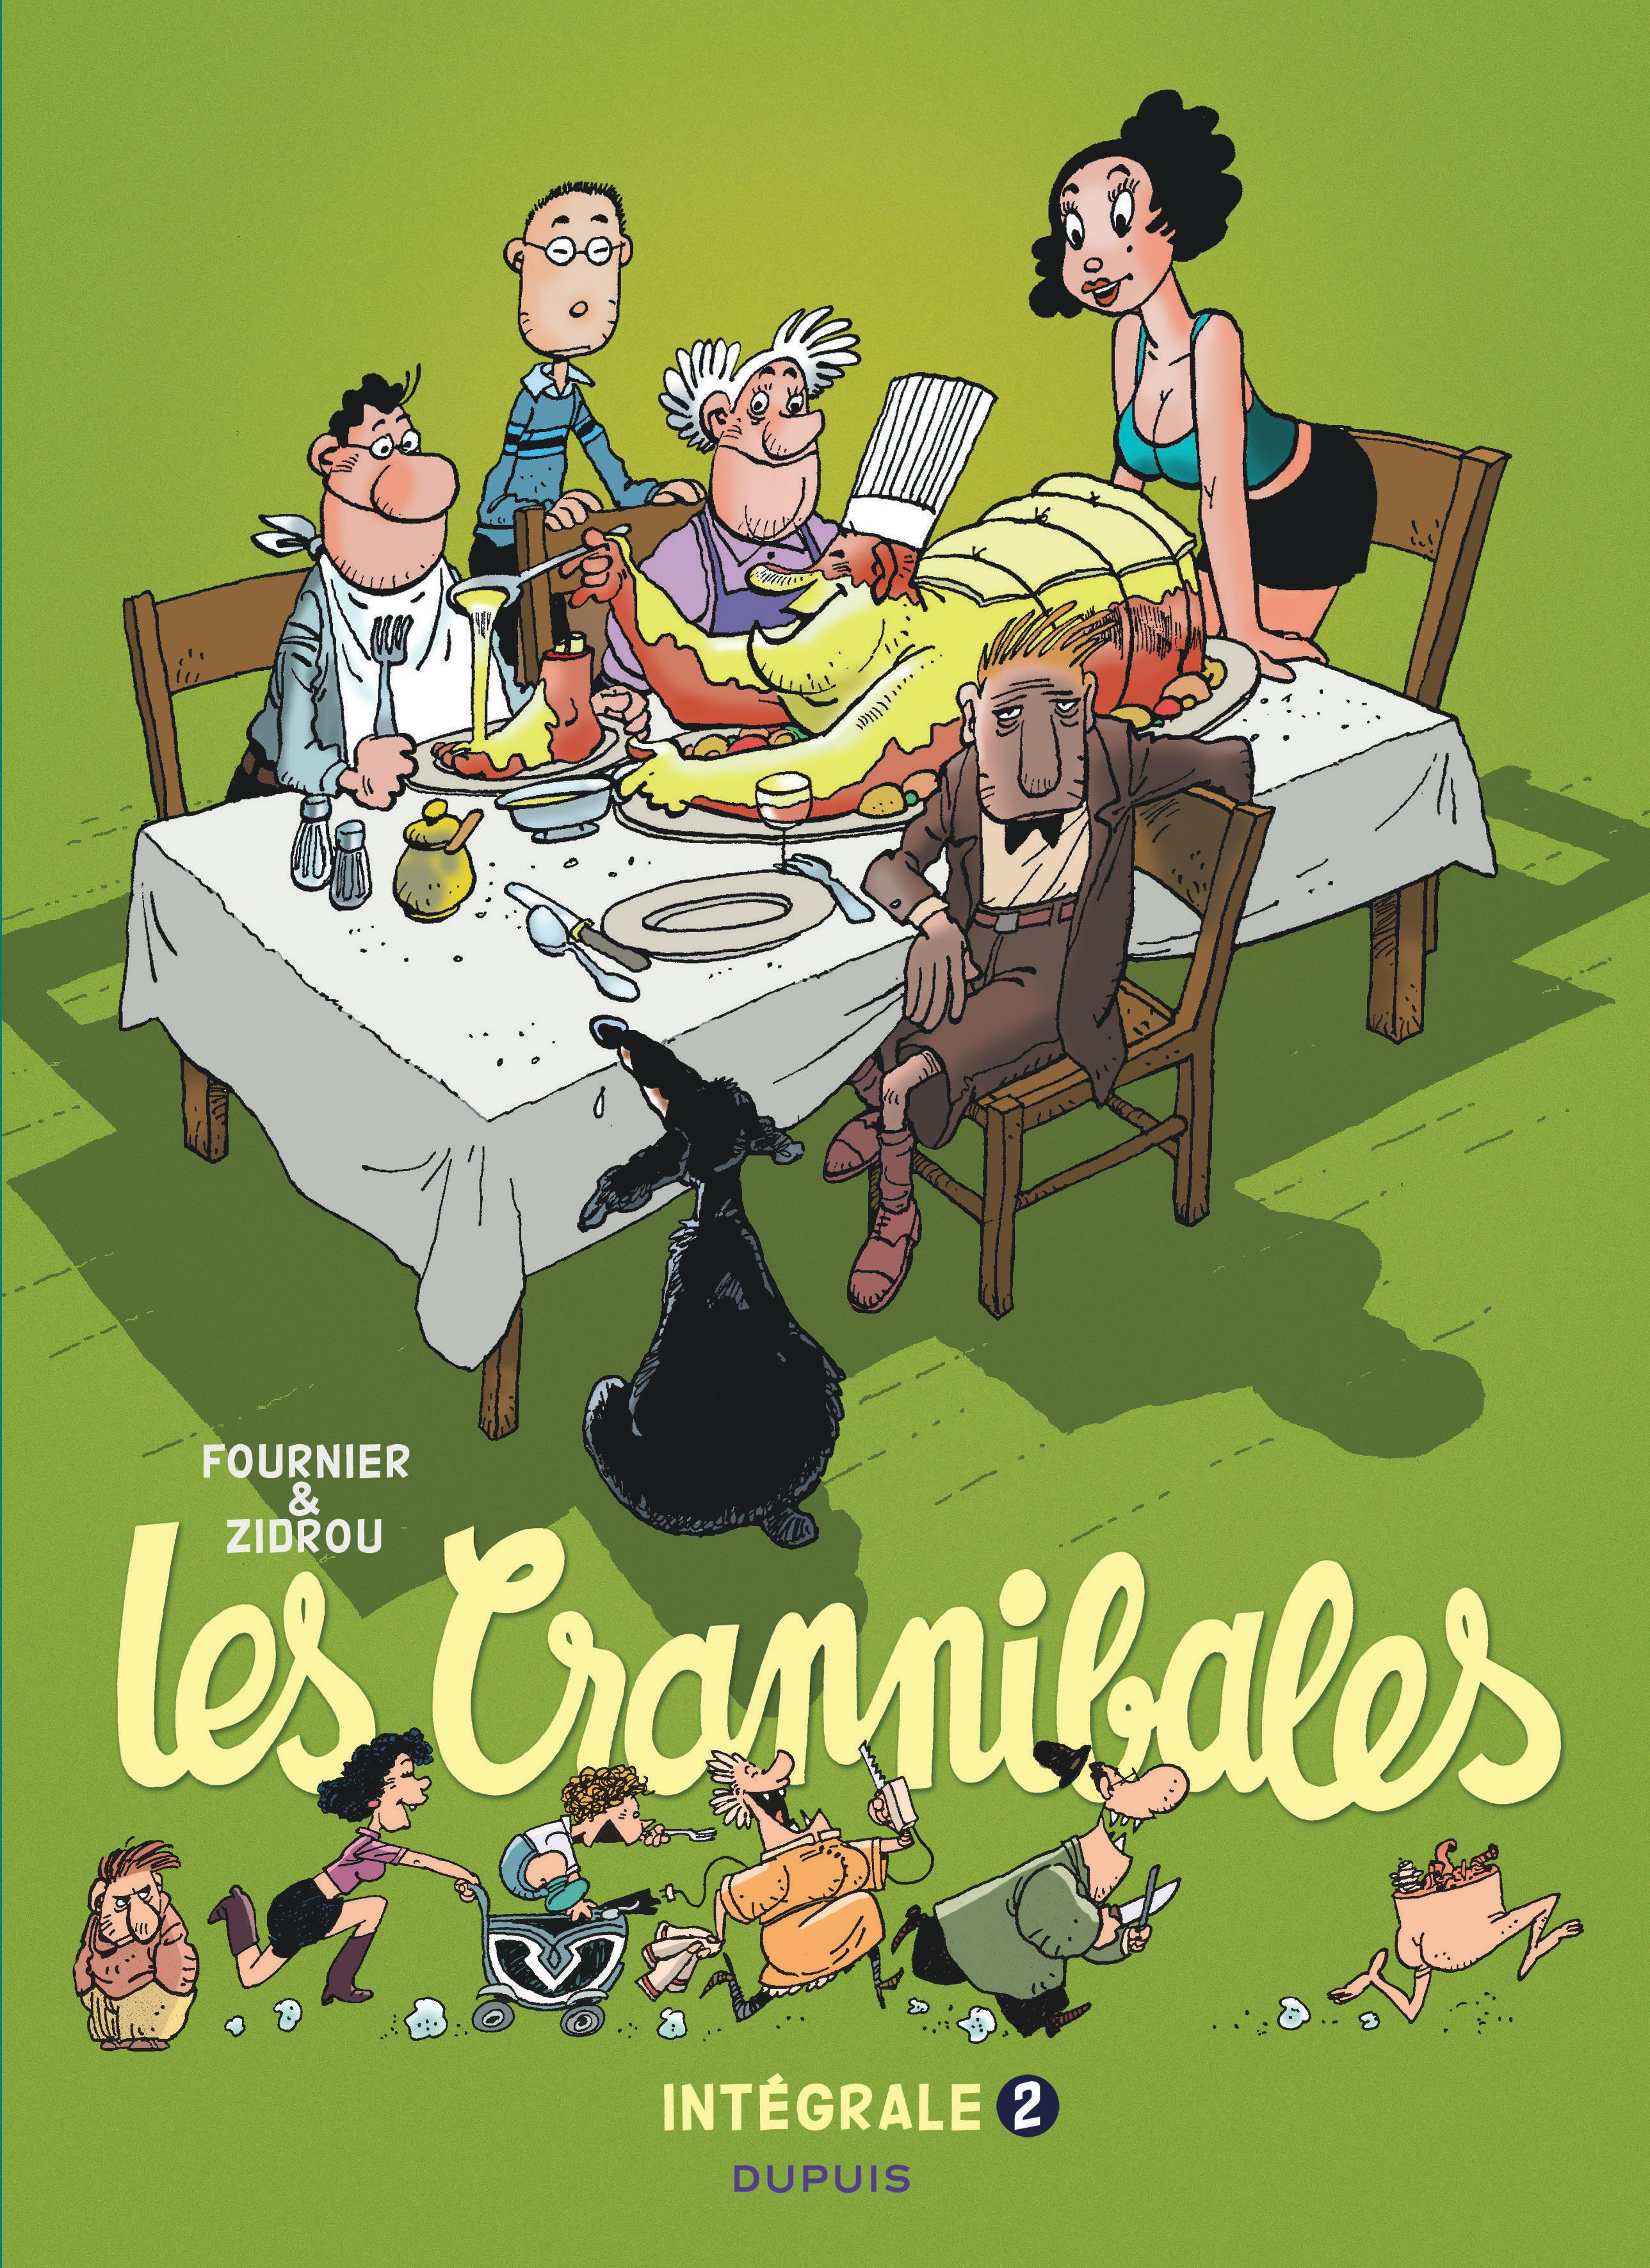 LES CRANNIBALES-L'INTEGRALE - LES CRANNIBALES - L'INTEGRALE - TOME 2 - LES CRANNIBALES (INTEGRALE) 2